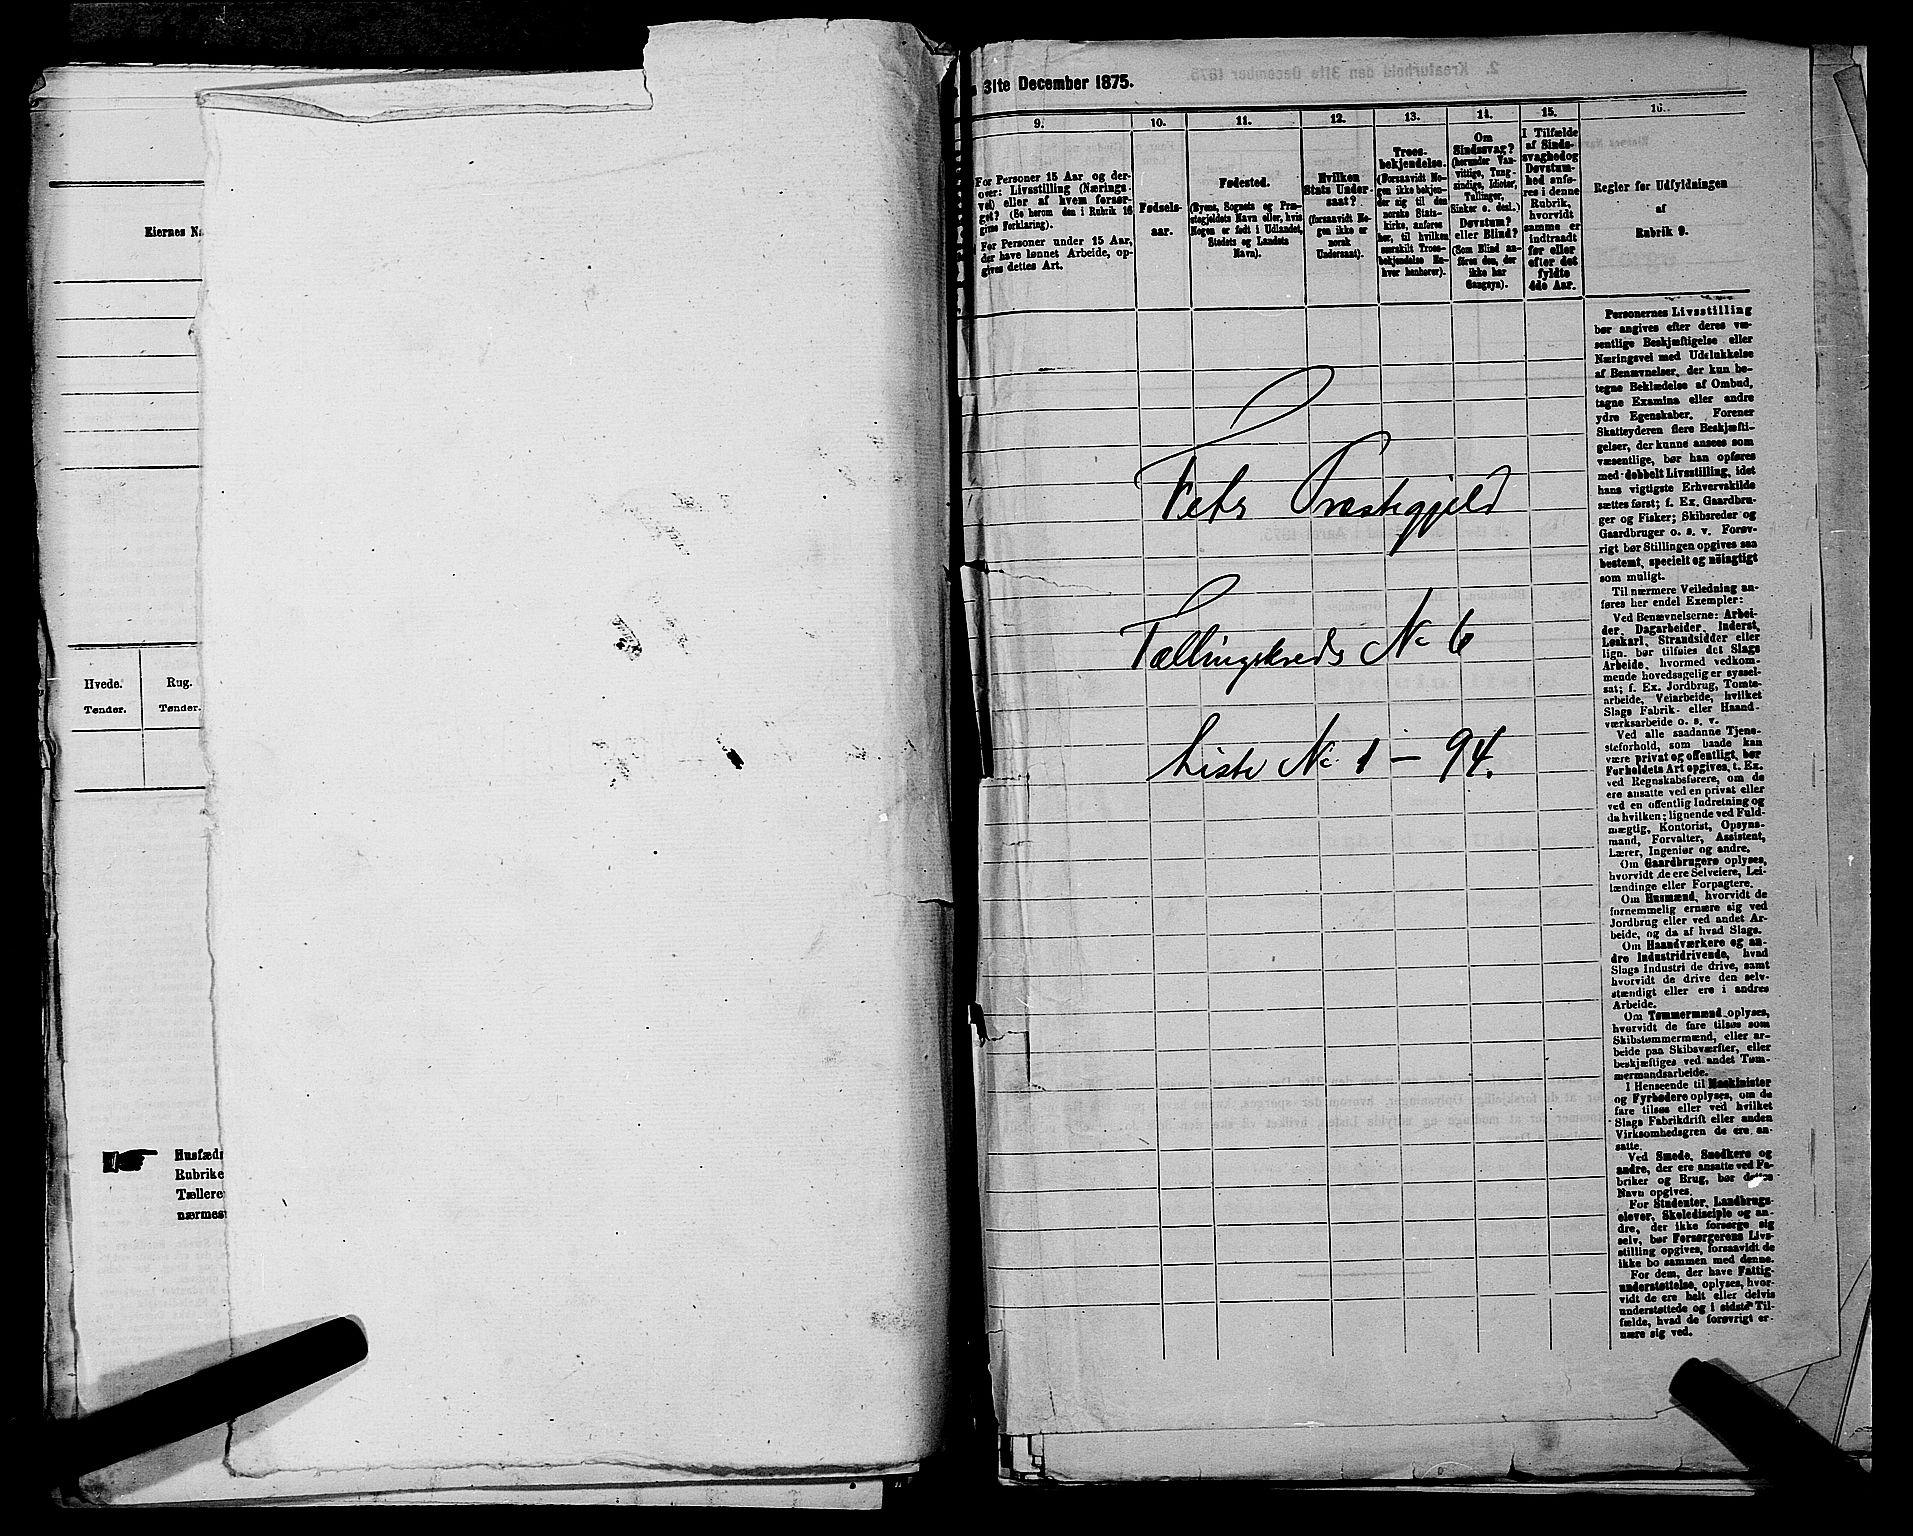 RA, Folketelling 1875 for 0227P Fet prestegjeld, 1875, s. 798